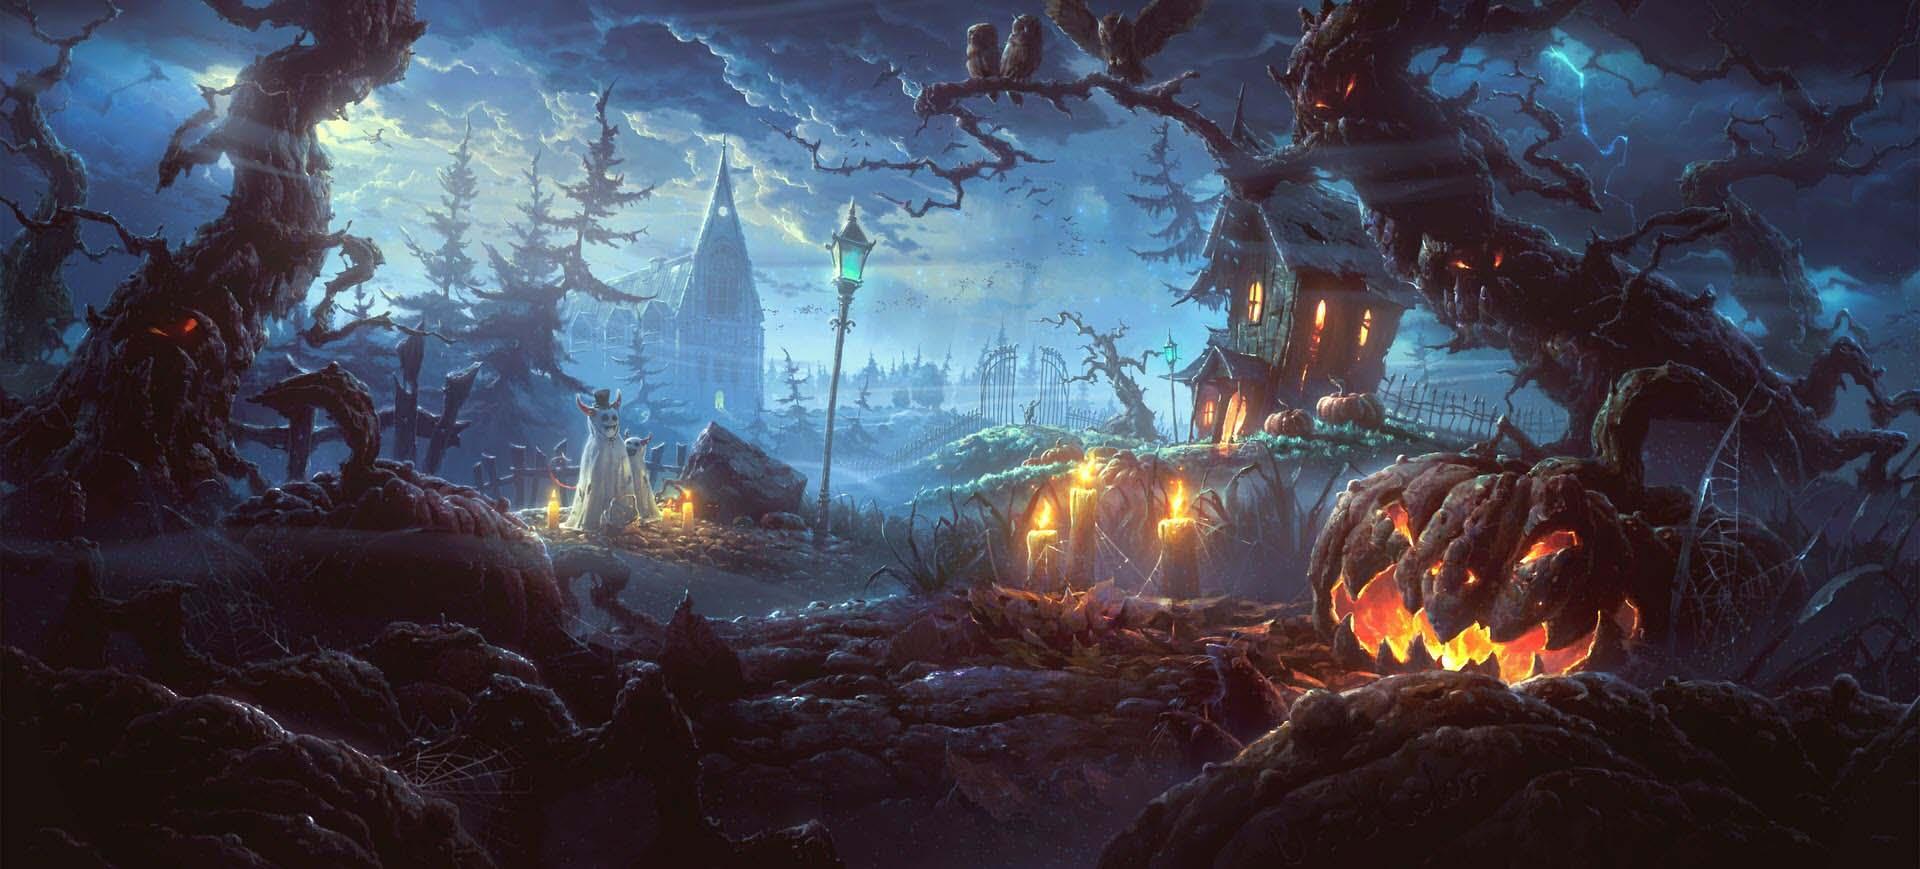 Ảnh nền Halloween hoạt hình